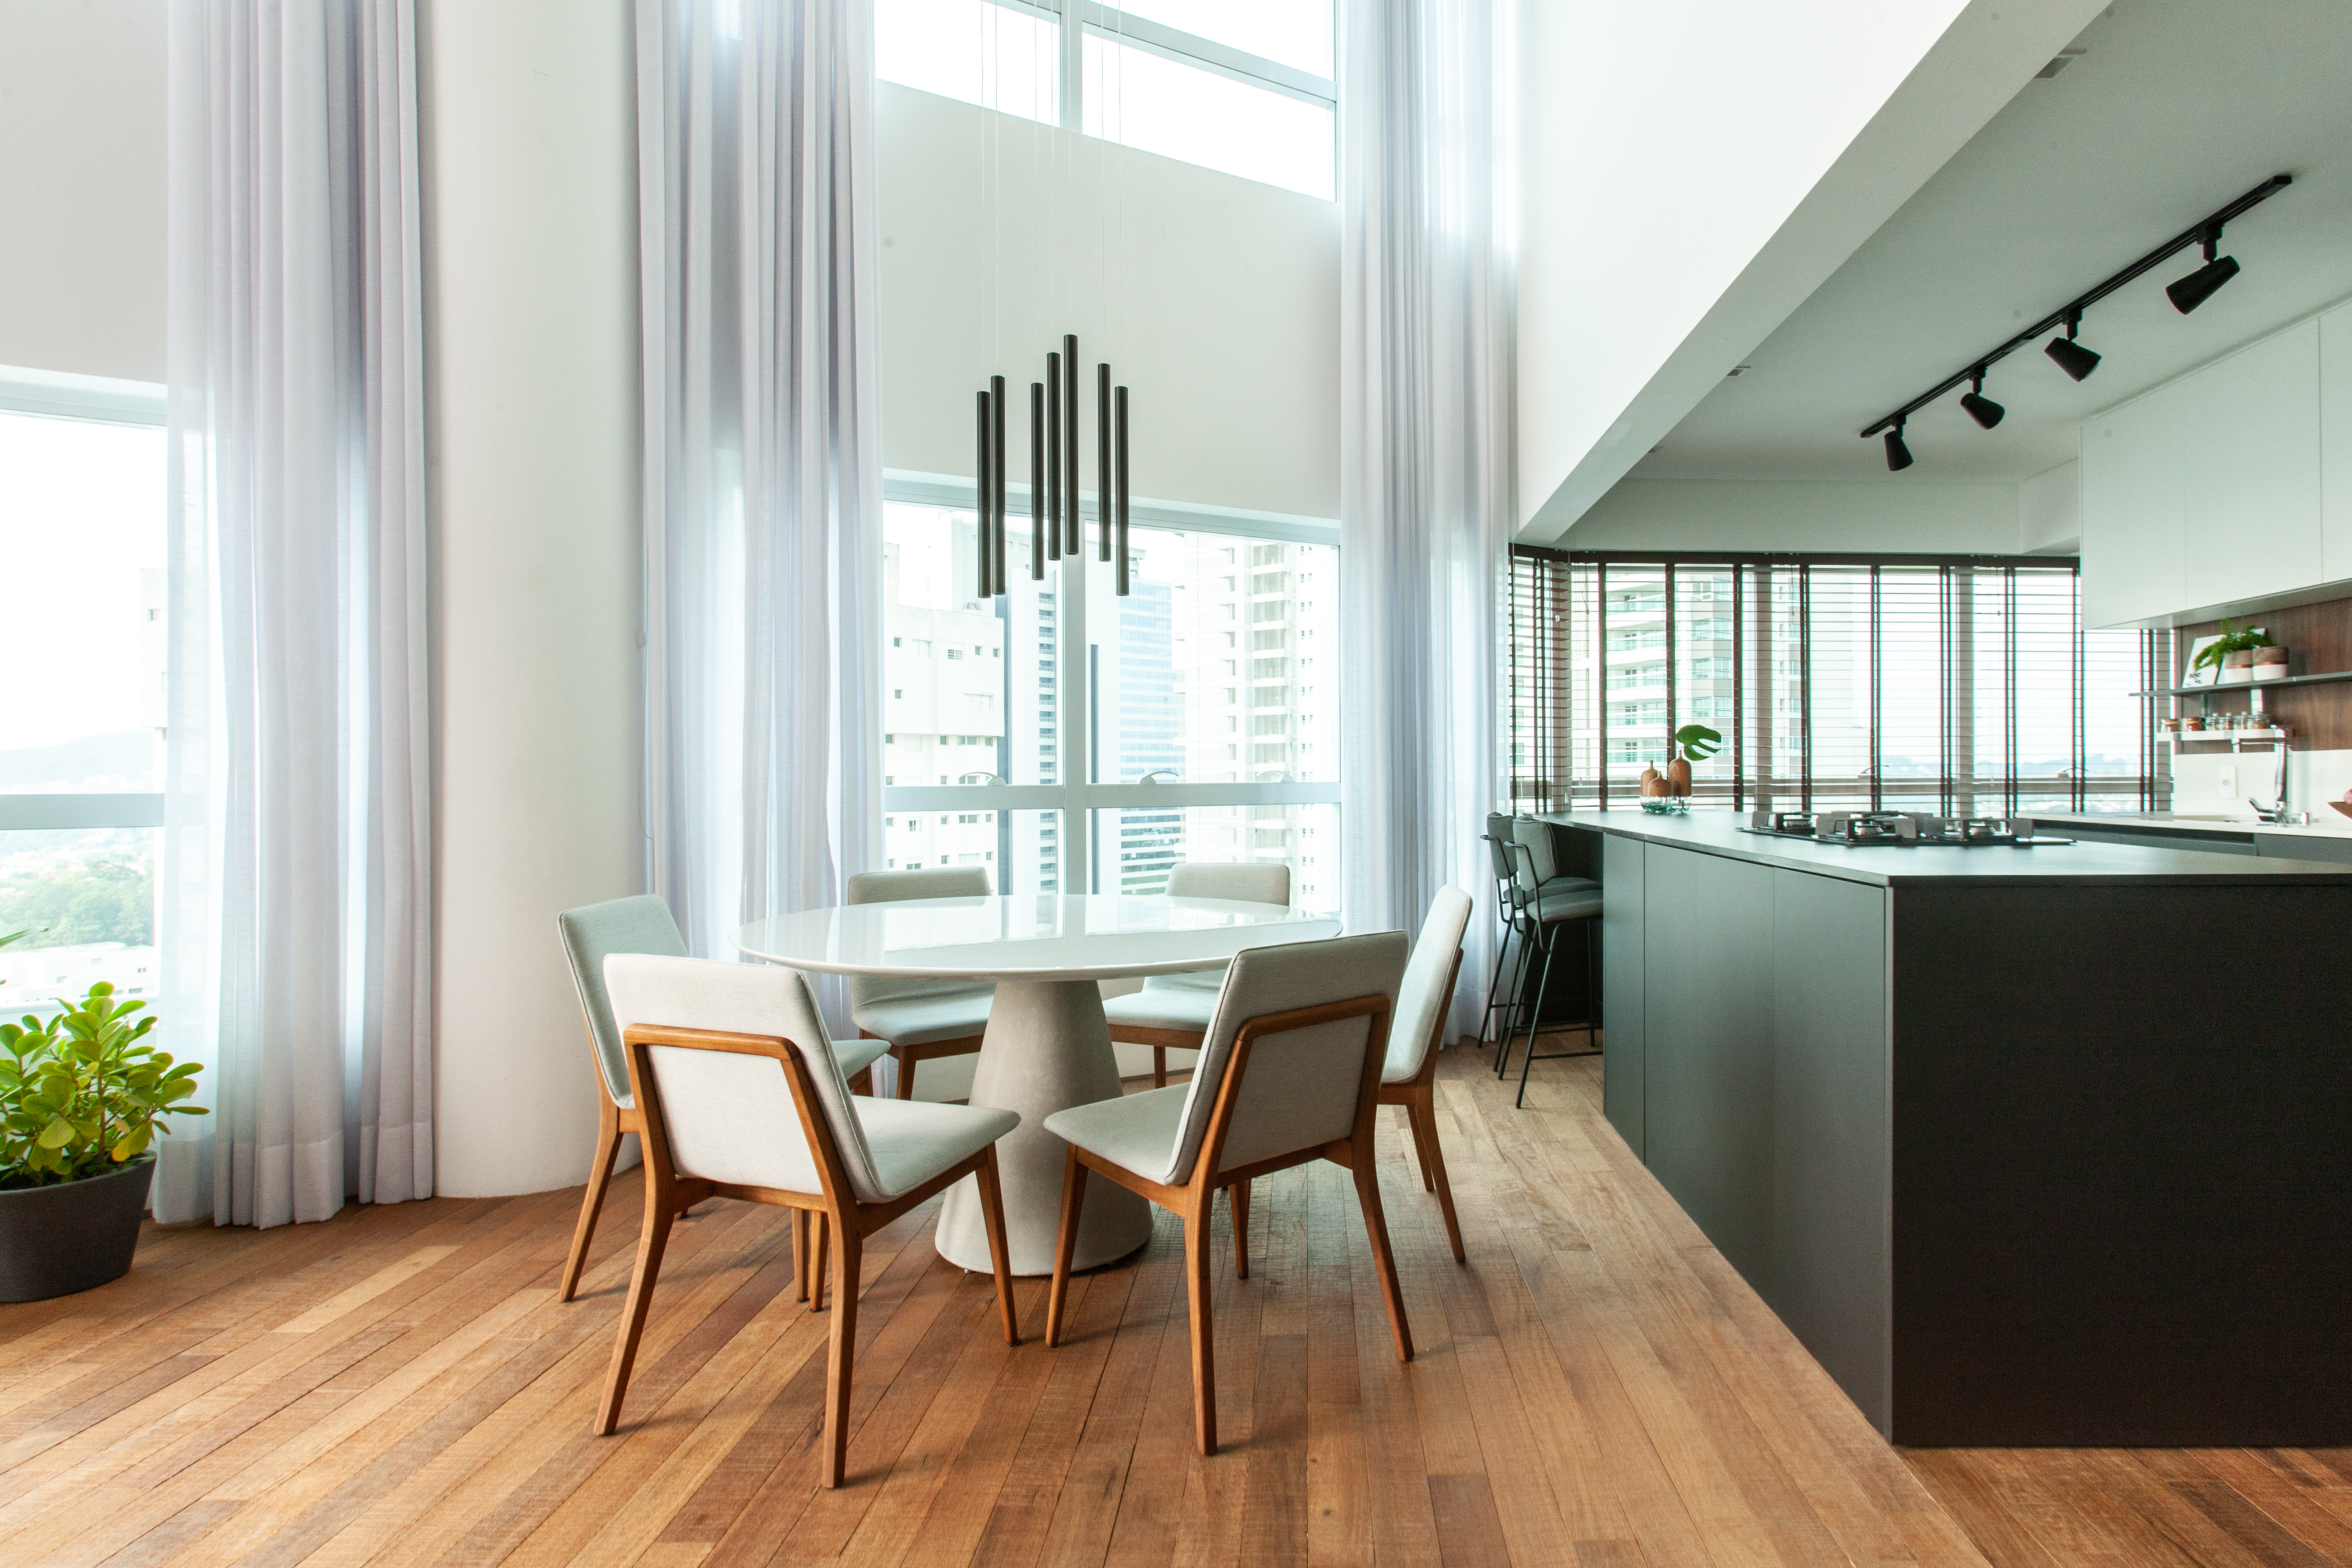 Sala de jantar integrada à cozinha. Pé direito alto, piso de madeira